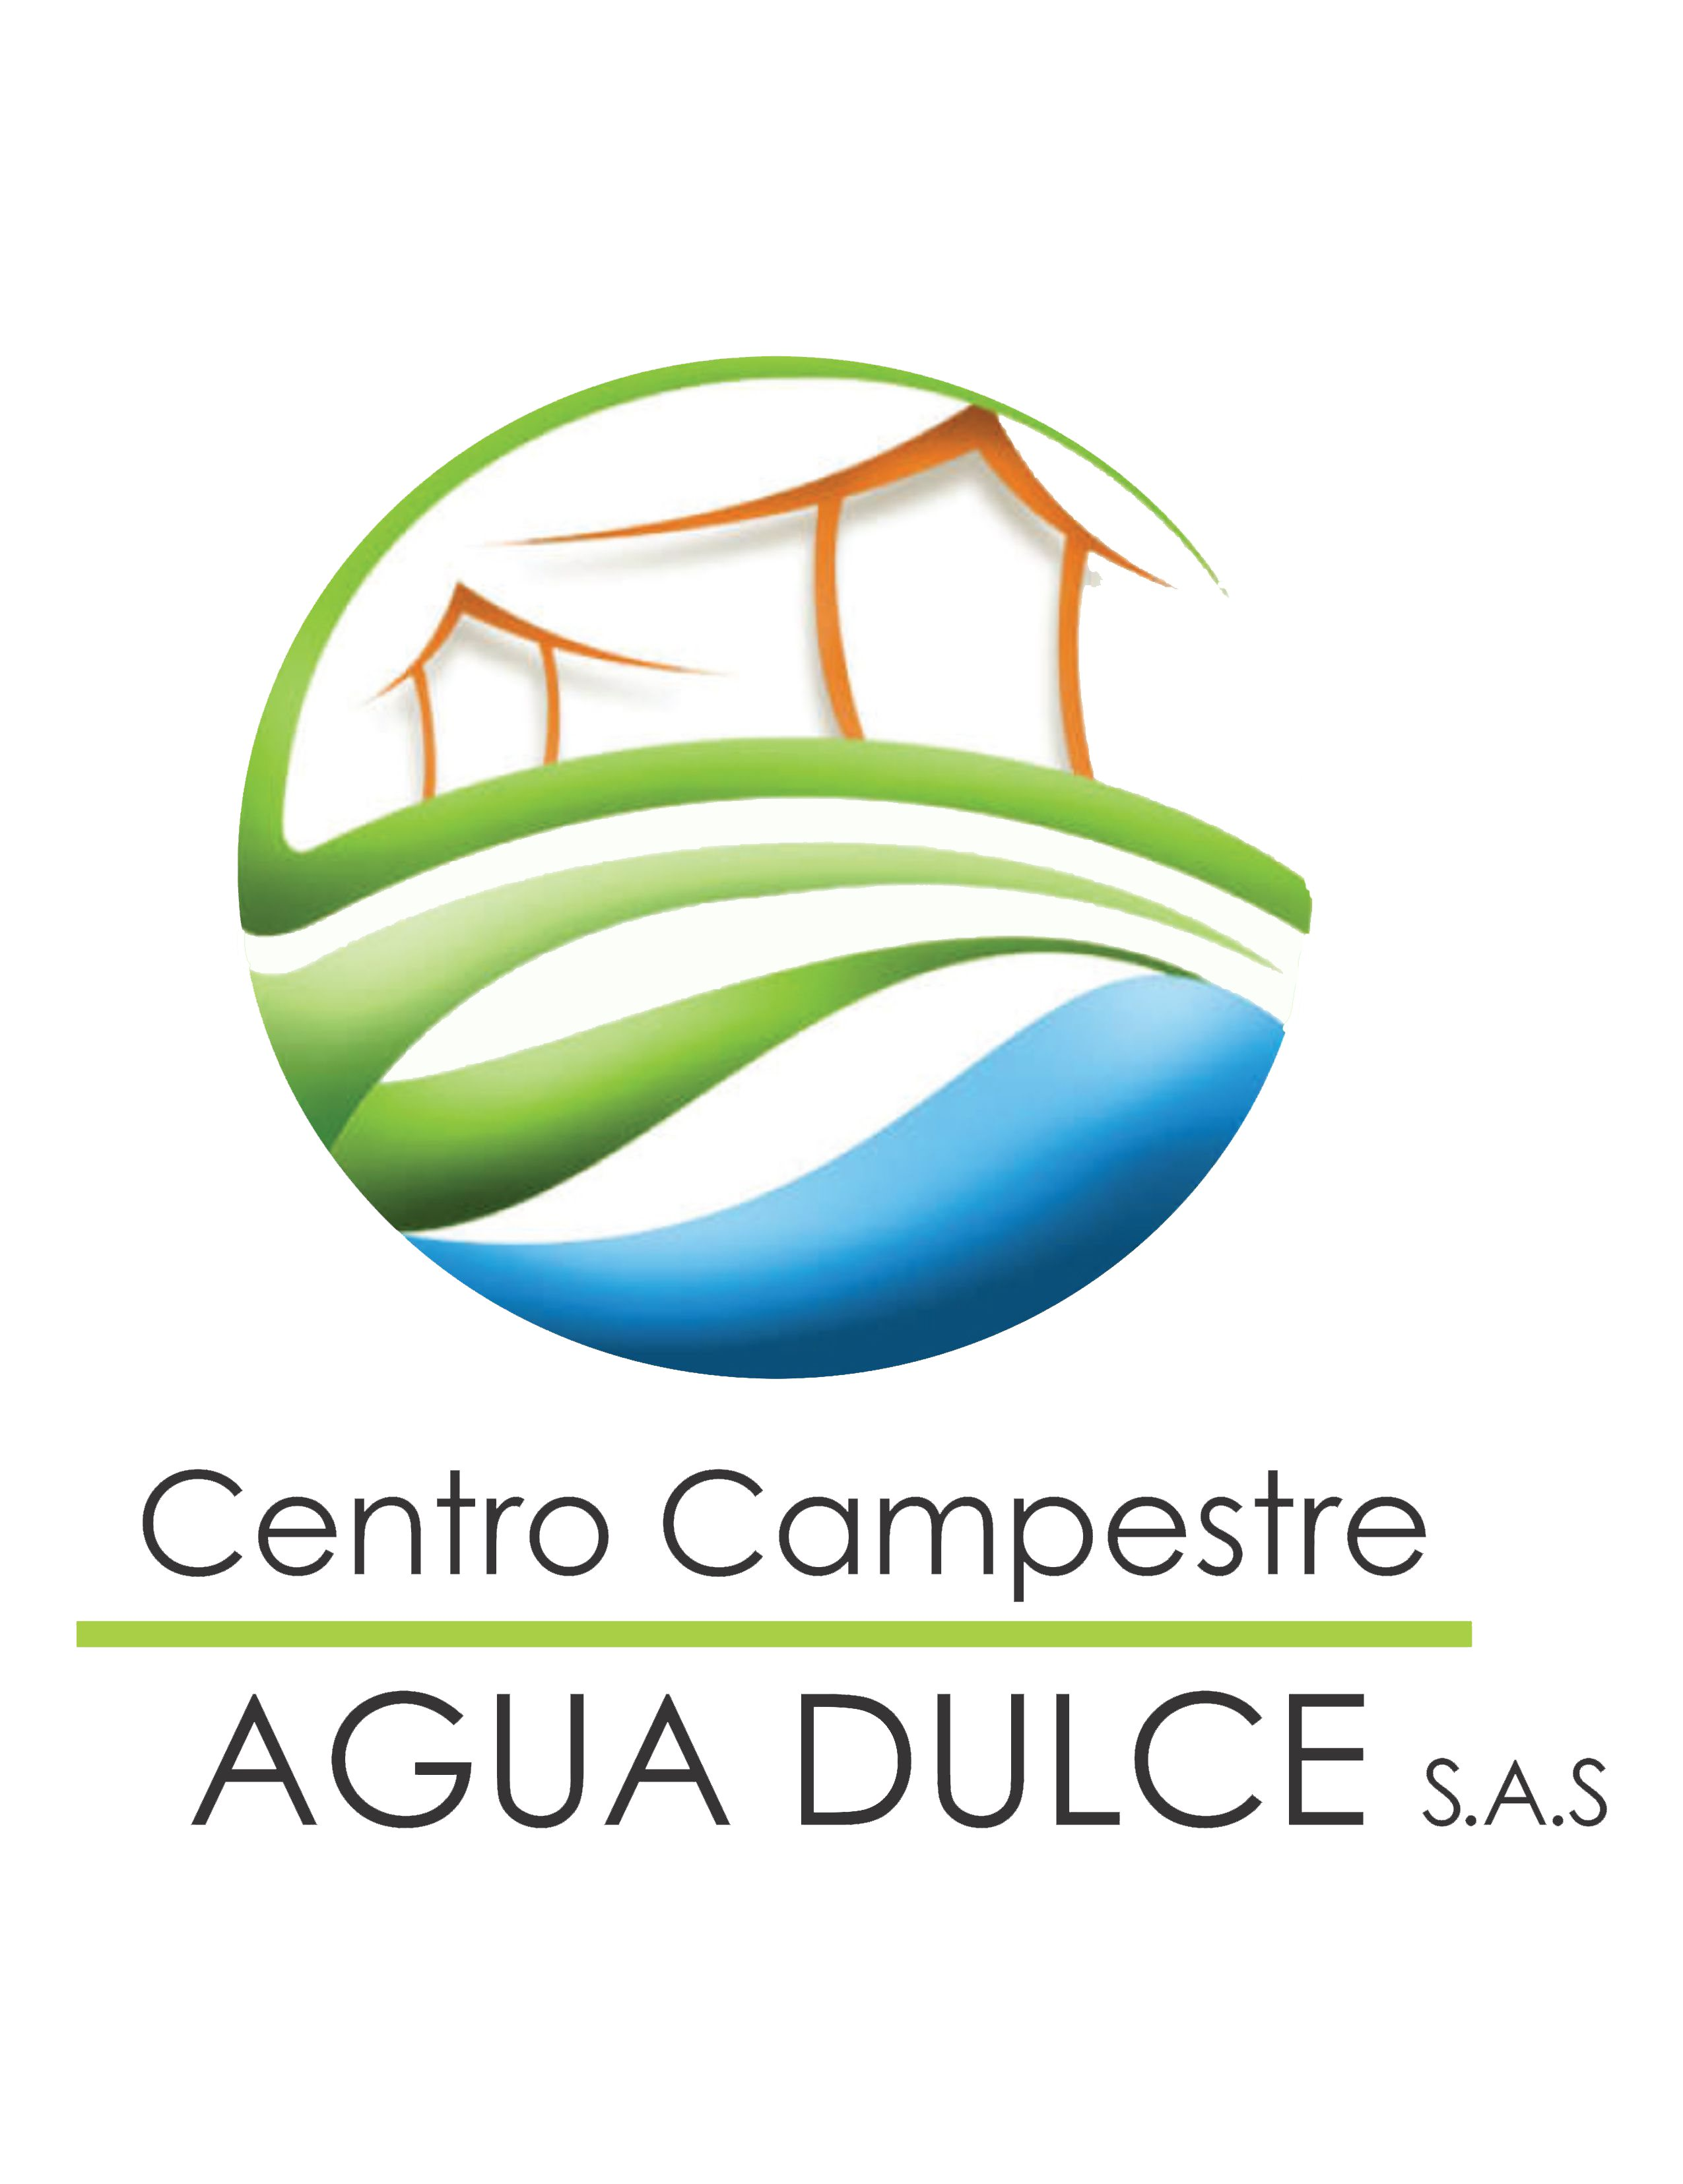 Centro Campestre Agua Dulce s.a.s